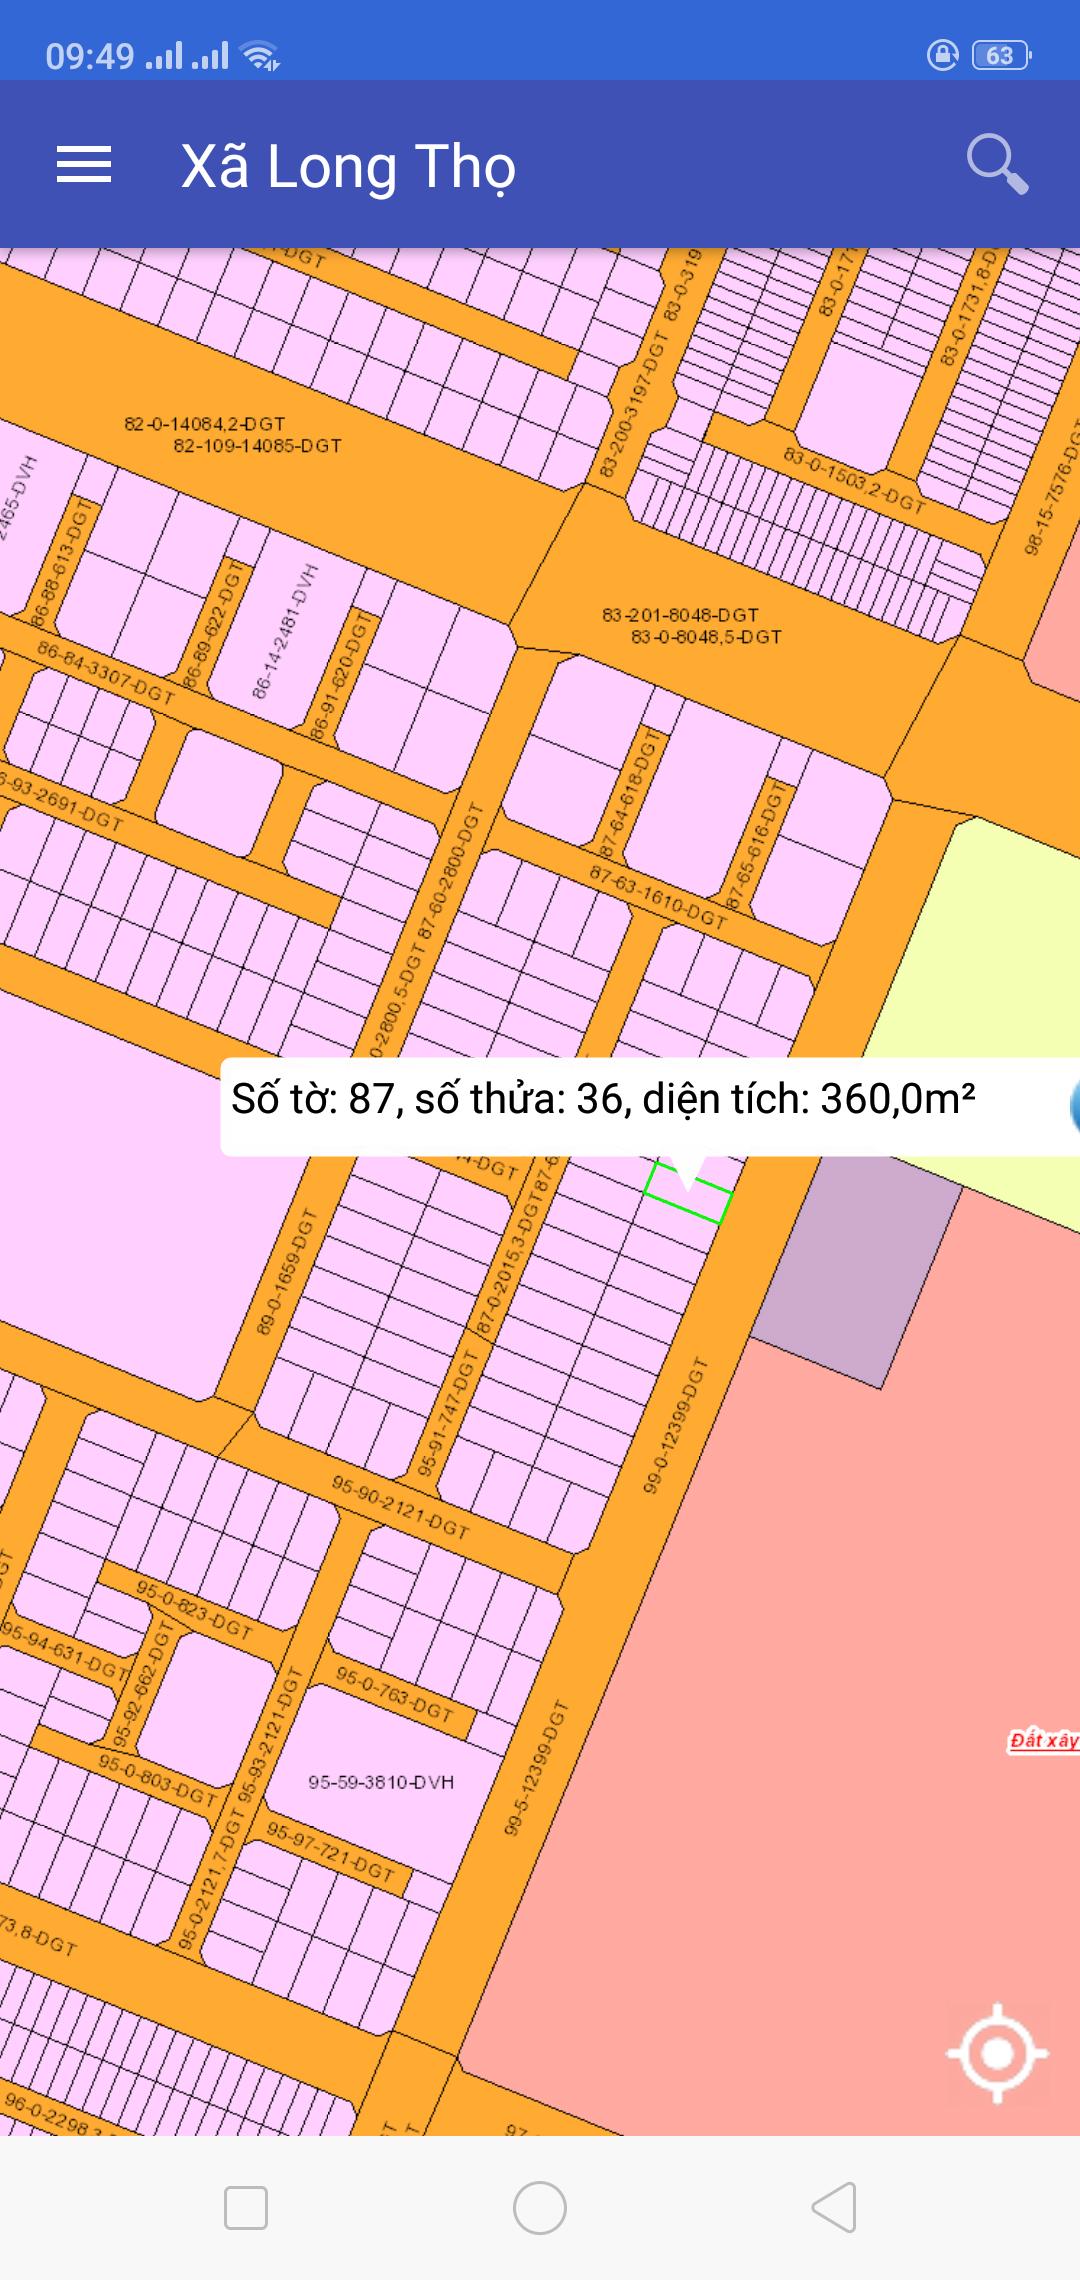 Càn Bán Đất Nền Hud Biệt Thự Vườn - Địa ốc Thuận Lộc